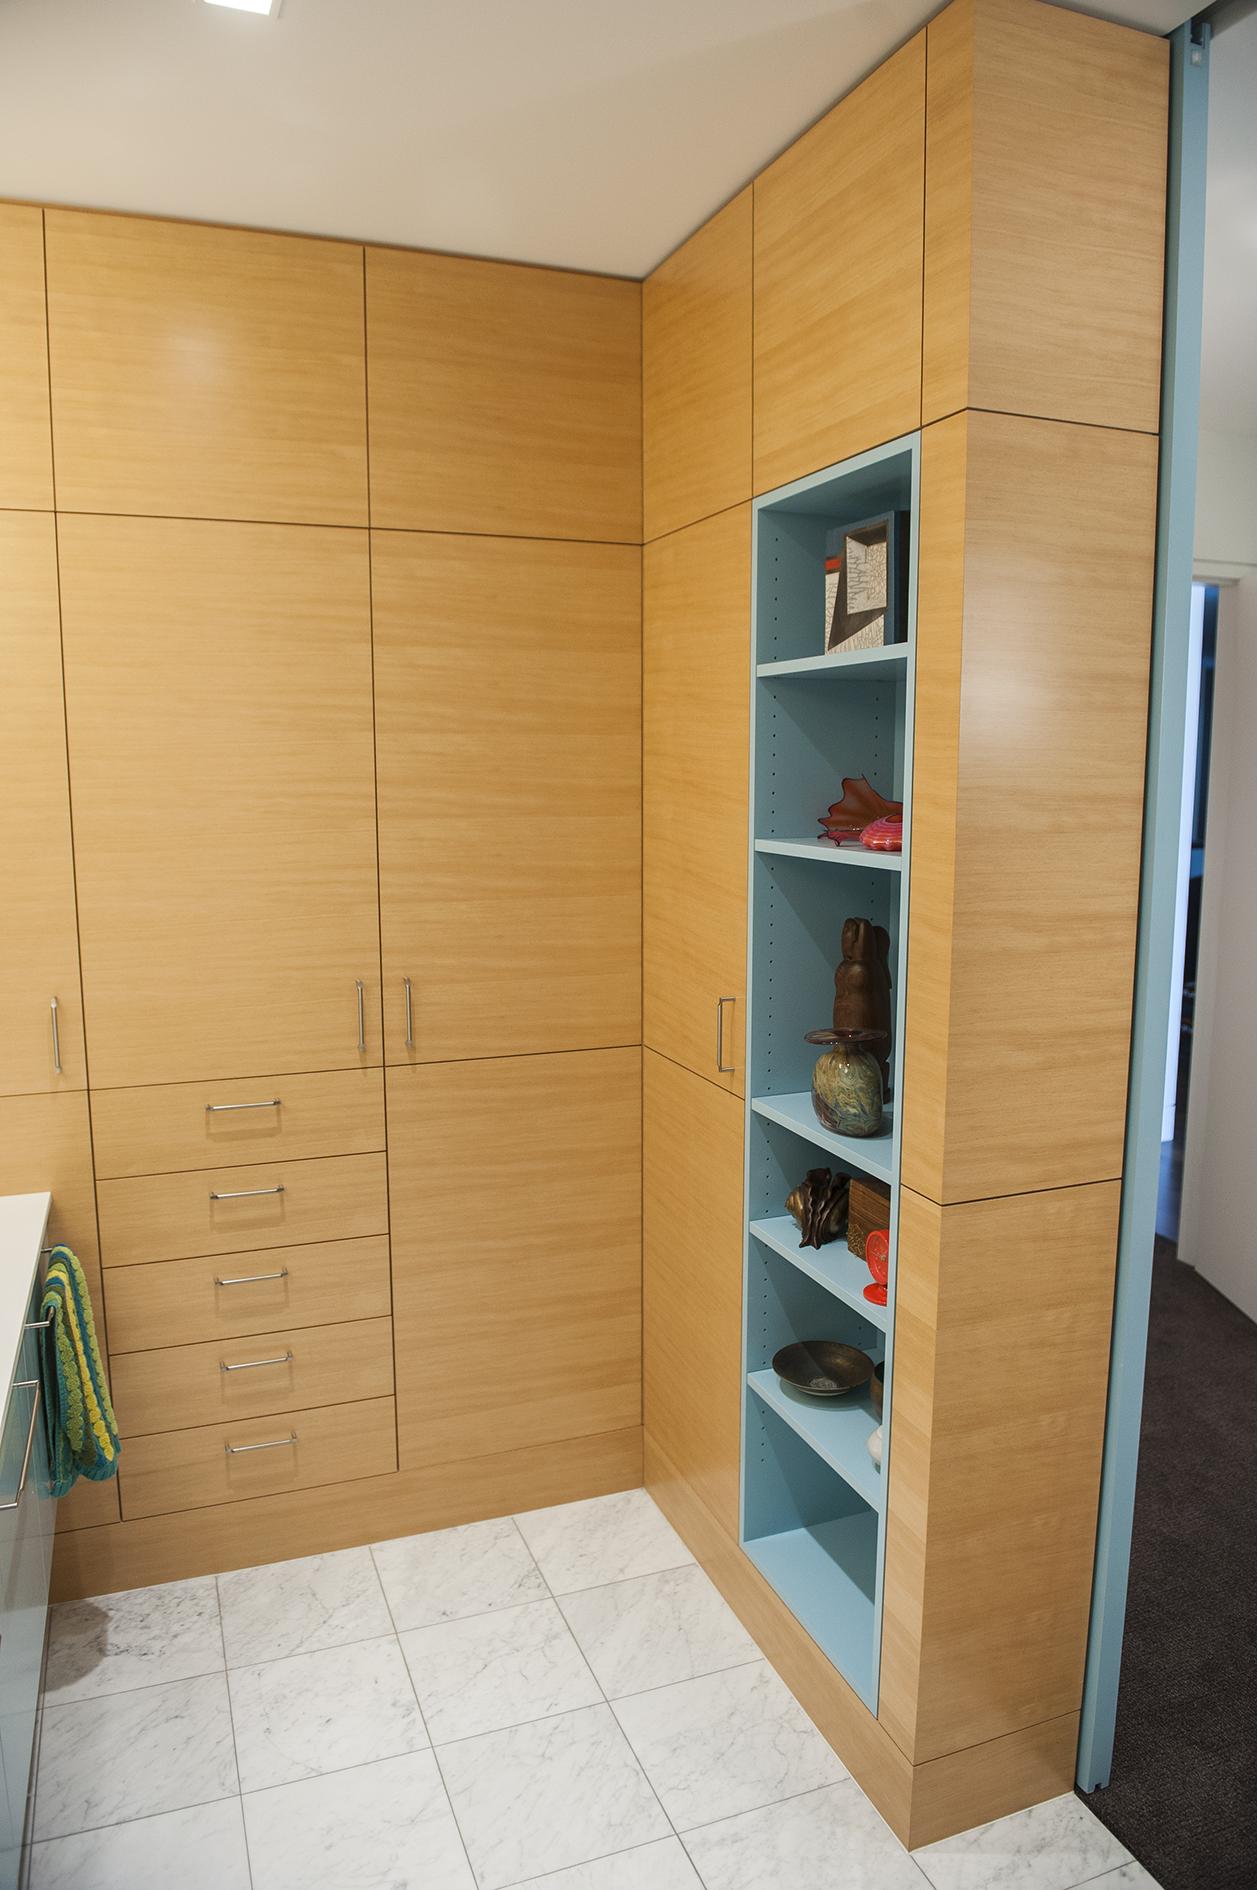 Portland Contemporary Remodel Bathroom Cabinets